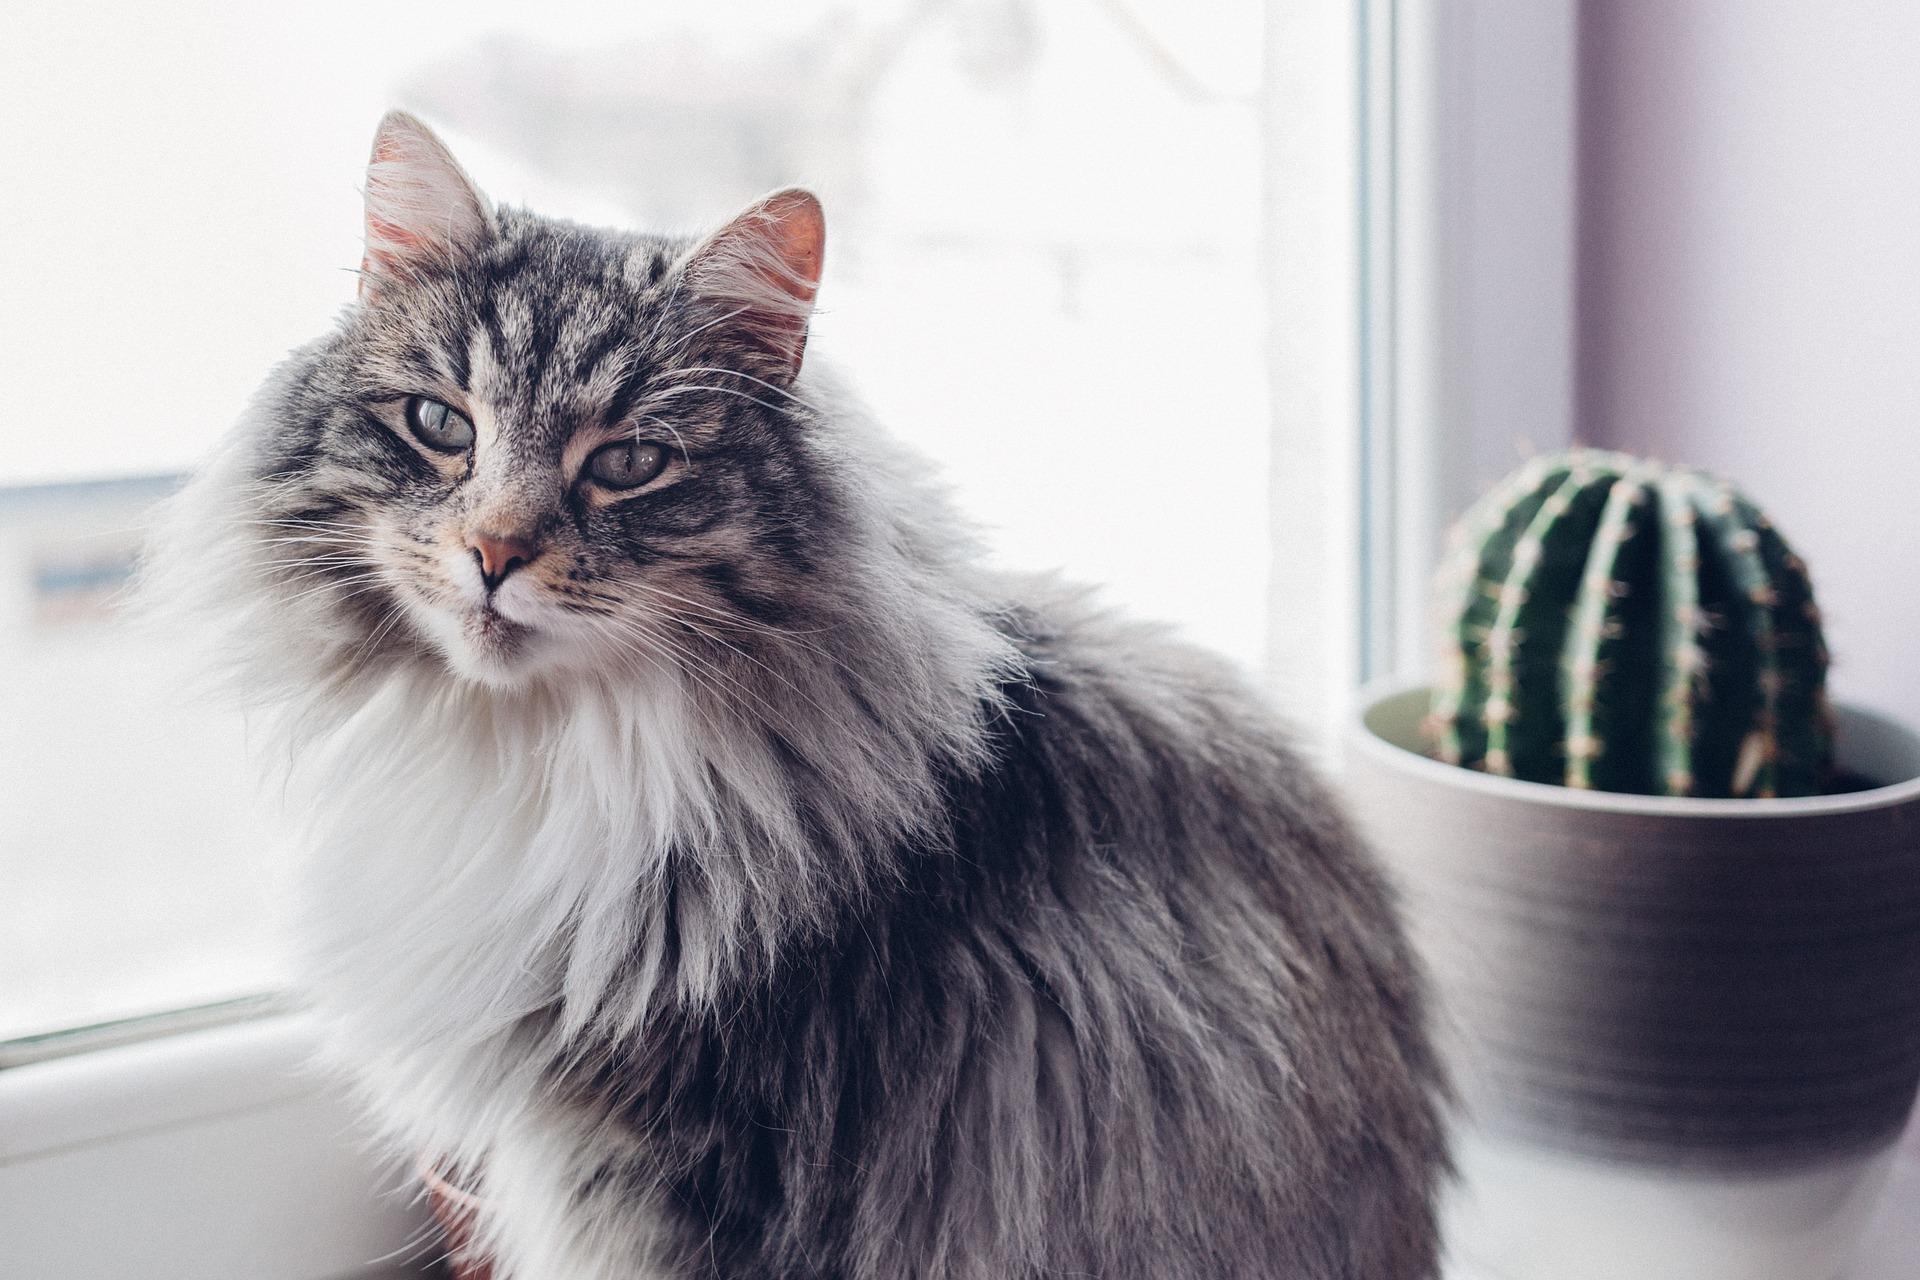 Wenn wir diese Möglichkeit haben, ist es normalerweise am besten, die Katze zu Hause in der Obhut der Familie oder von Freunden zu lassen.